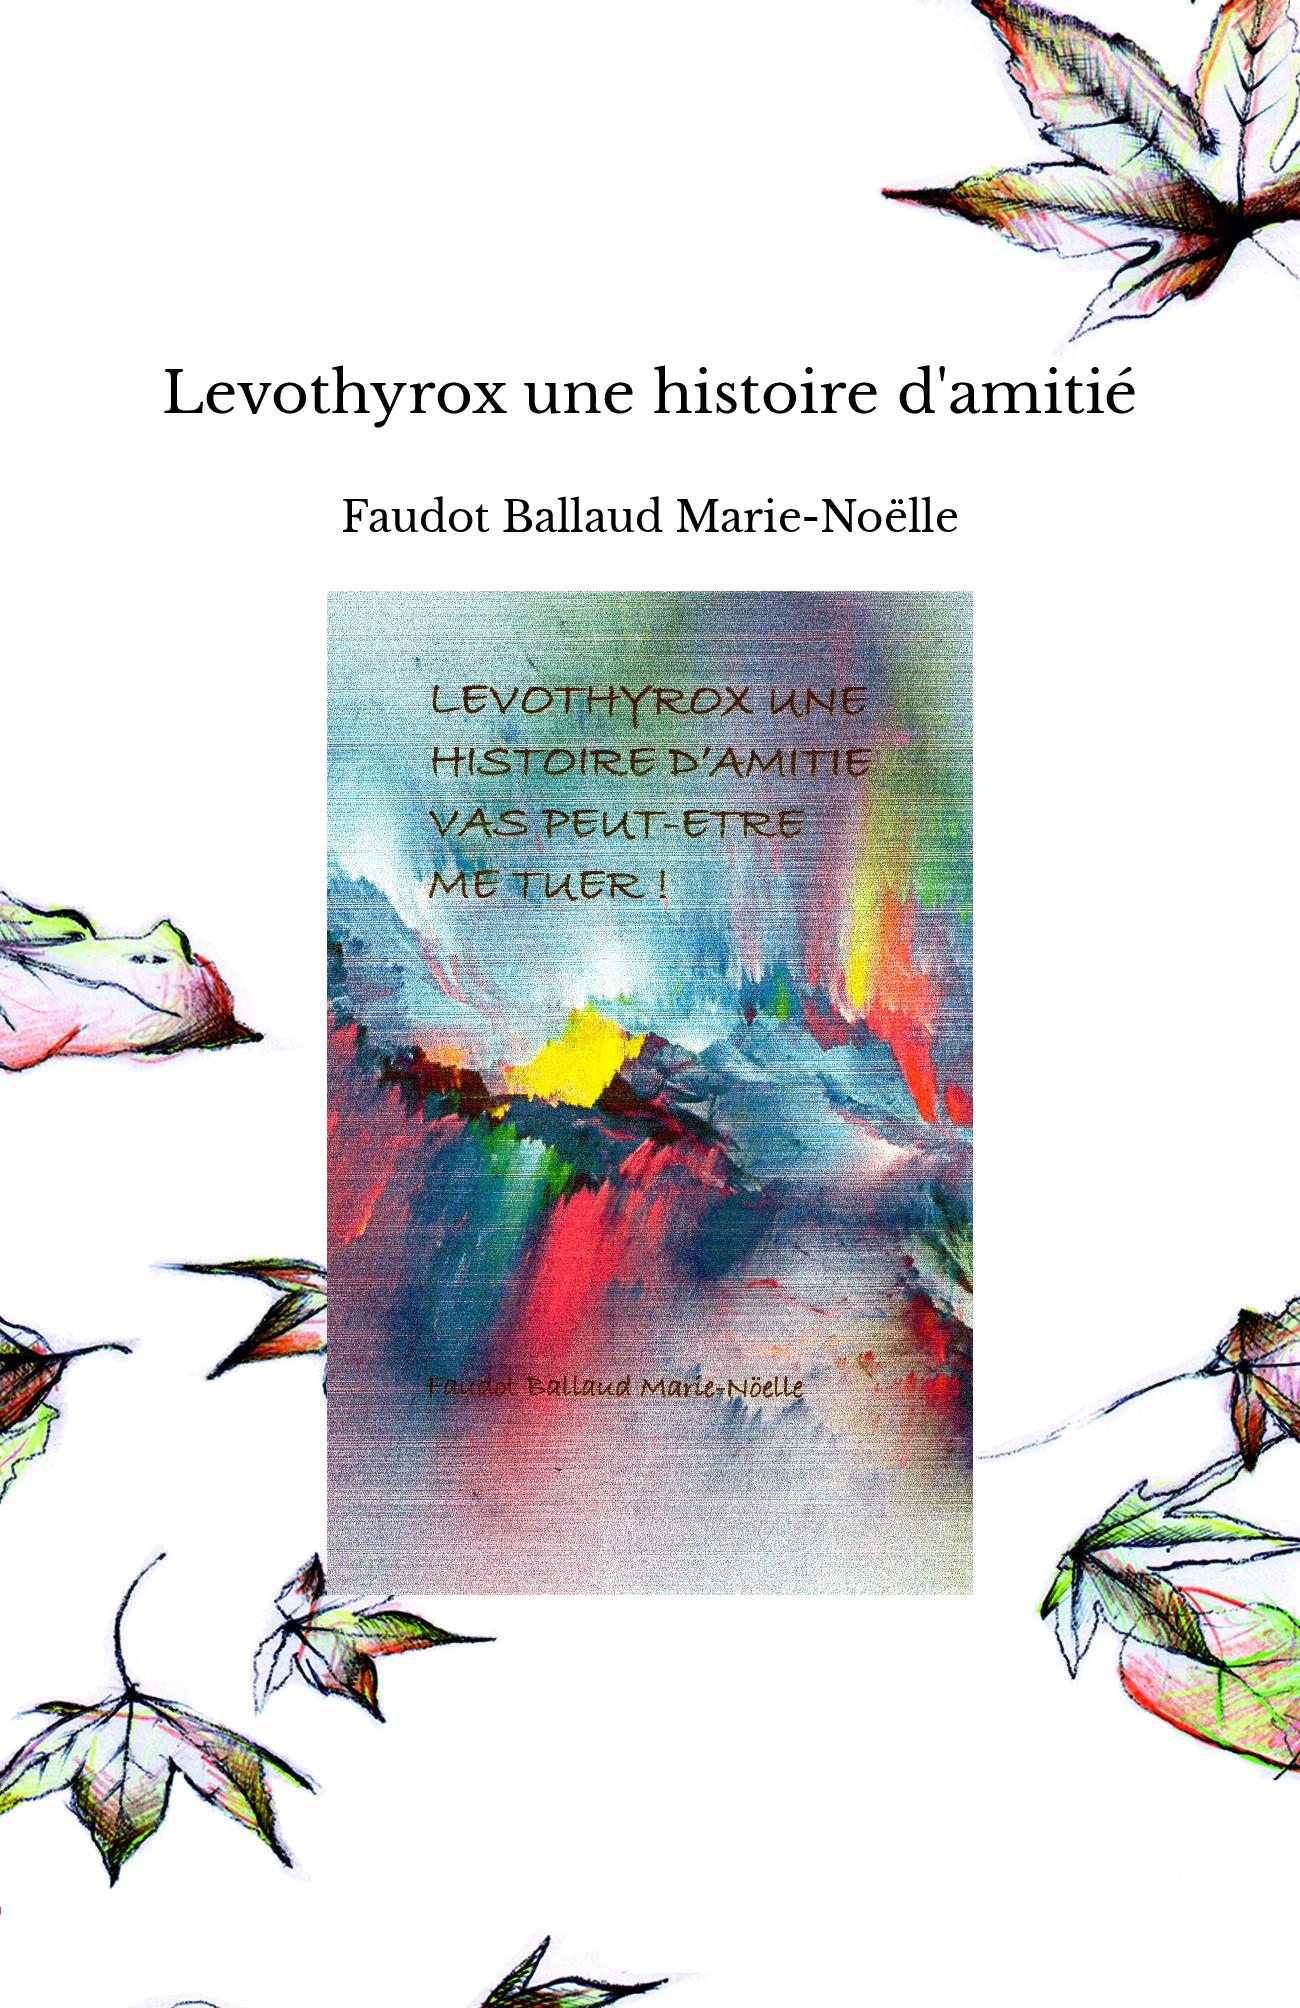 Levothyrox une histoire d'amitié